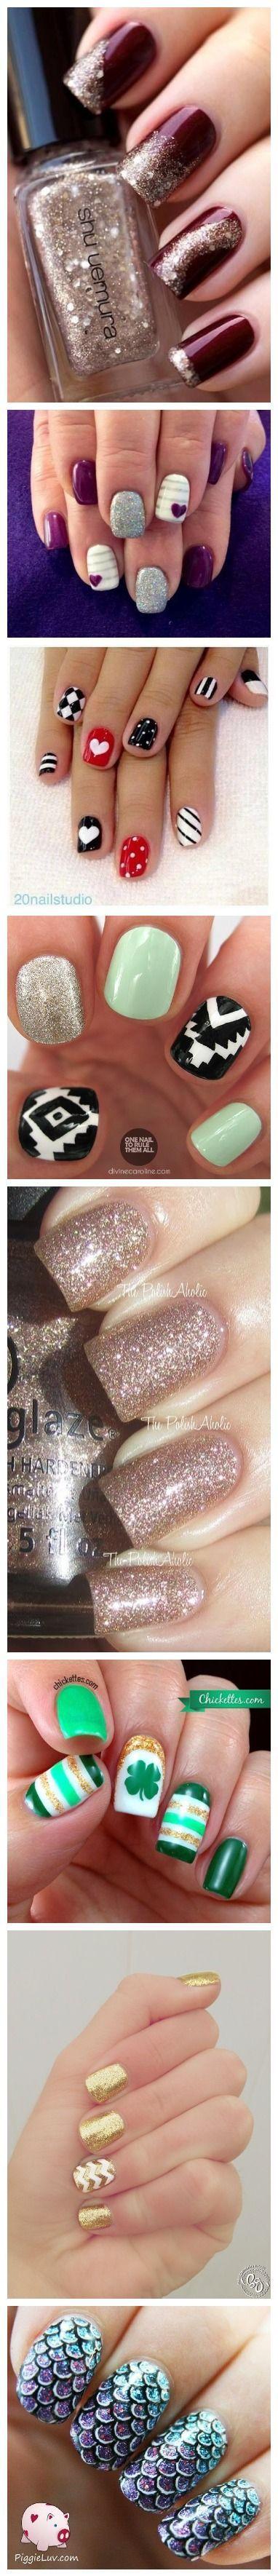 Nail Art Designs - Get Creative Nail Design, Nail Art, Nail Salon ...